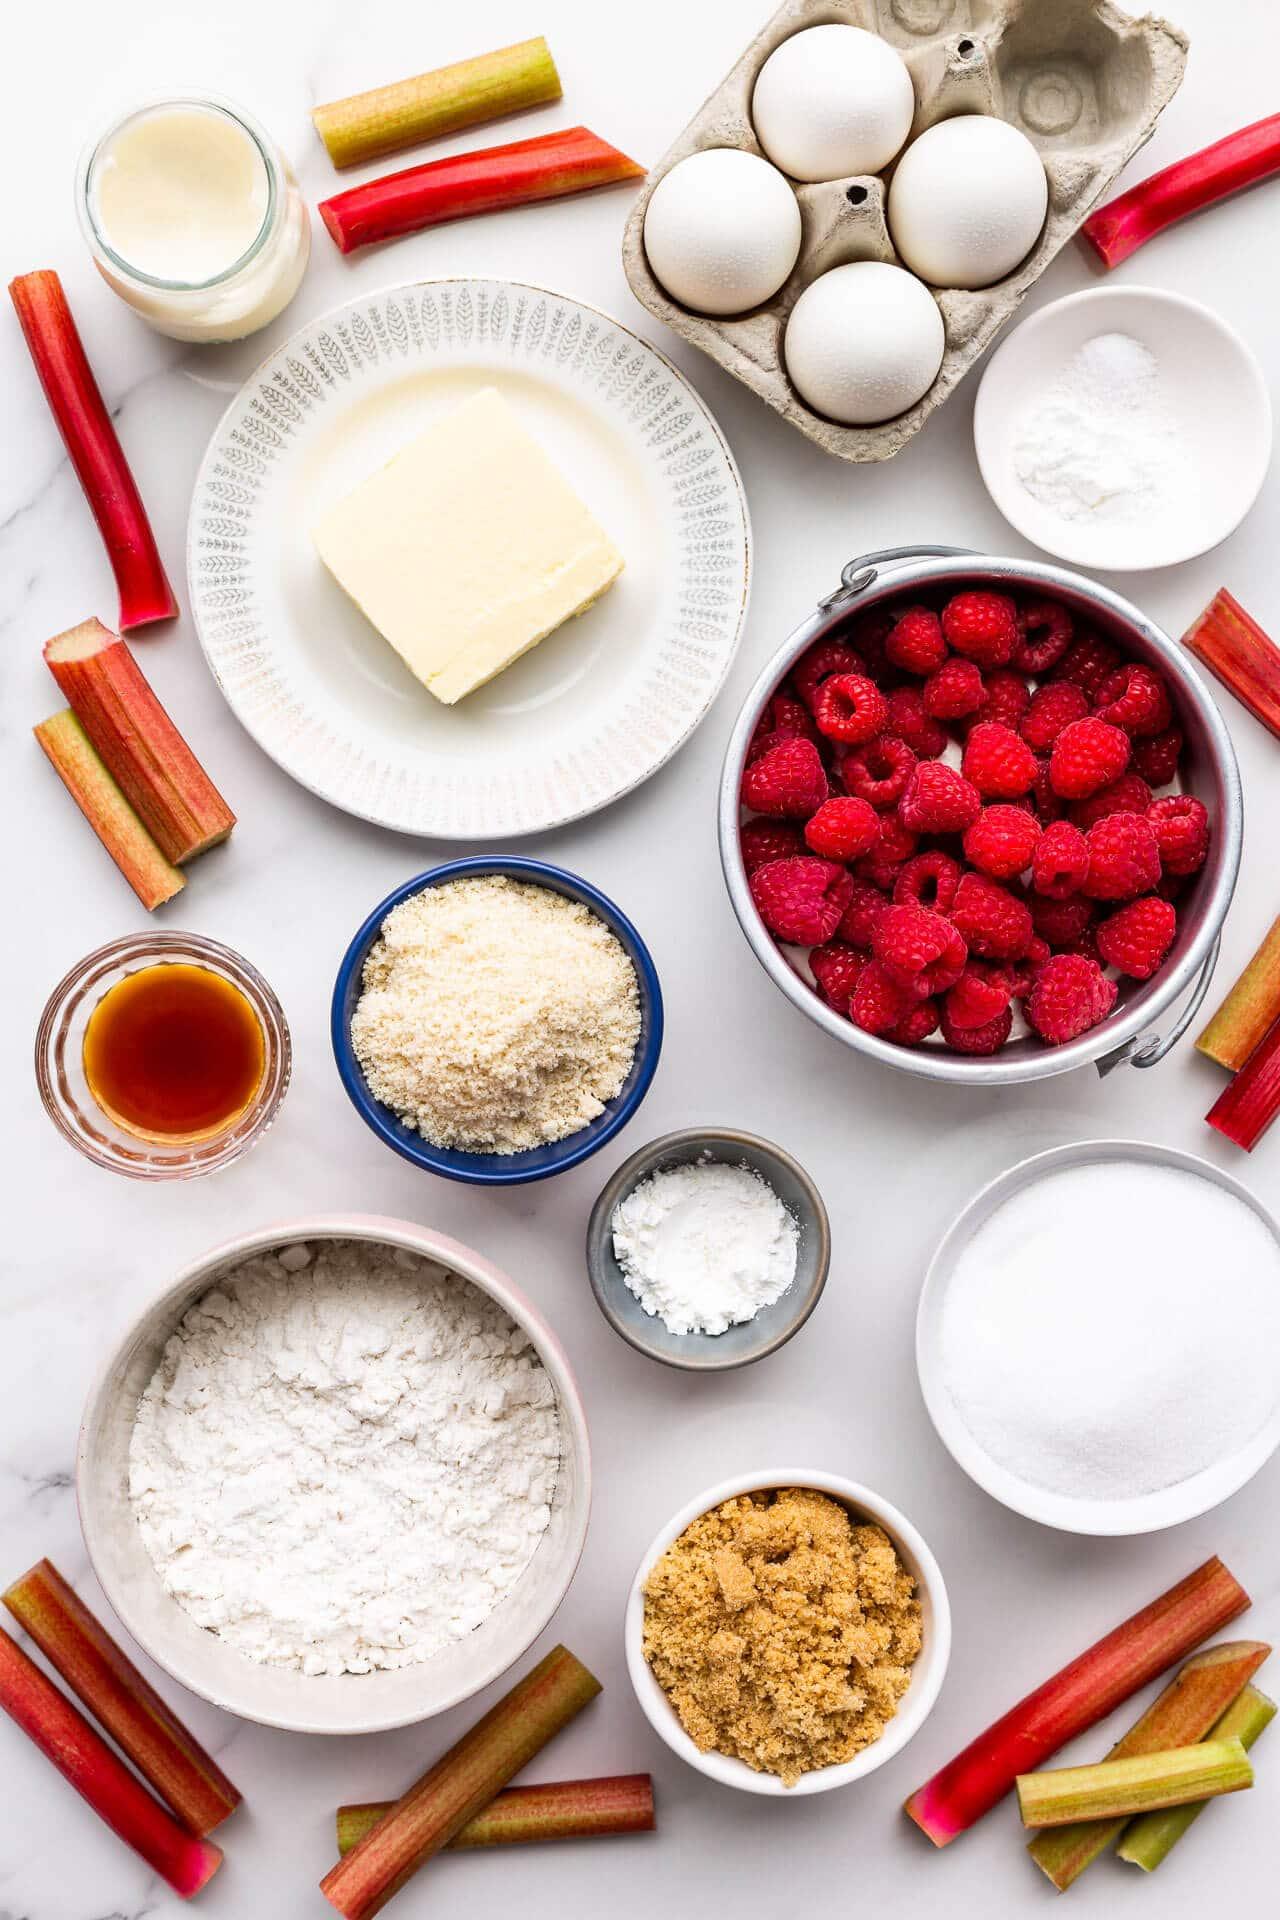 Ingredients for rhubarb upside down cake with raspberries